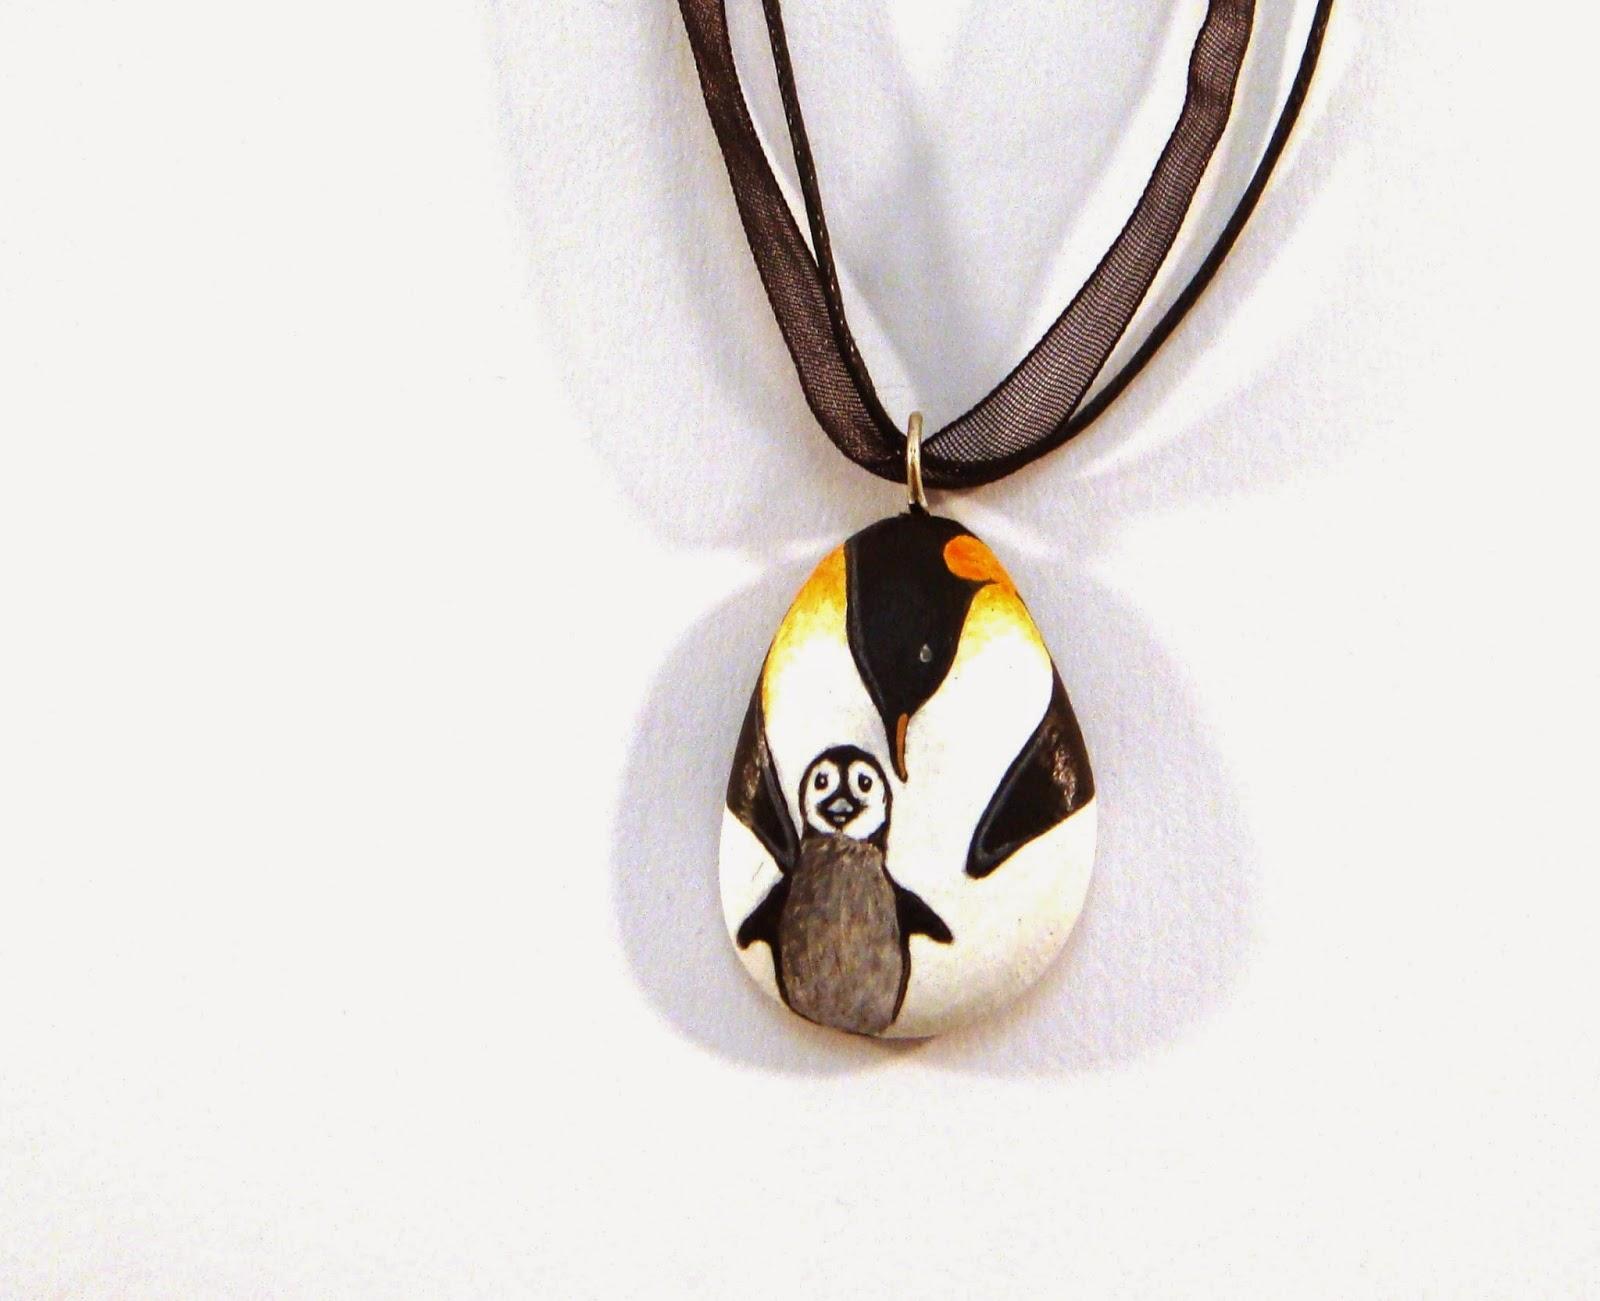 03d410328c Altri pinguini...questa volta in versione sassi dipinti, e piu'  precisamente un ciondolo di sasso e un braccialetto raffiguranti un pinguino  imperatore con ...